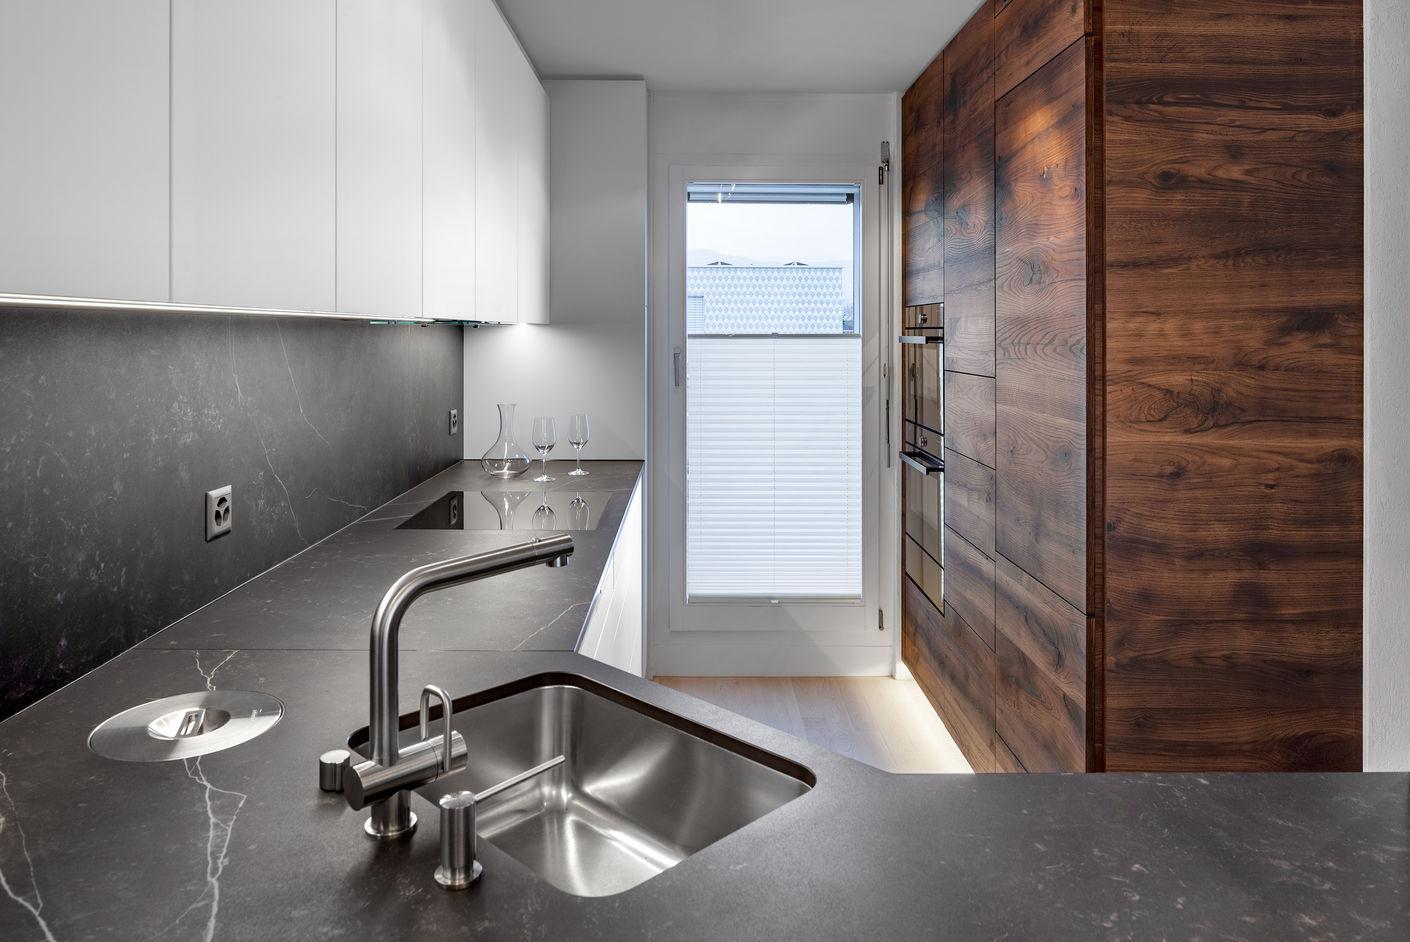 Die grifflosen Küchenfronten sind in einem zeitlosen Mattweiss gehalten. Sie vergrössern den schmalen Raum optisch. LED-Lichtbänder setzen gekonnt Akzente und lassen die grifflosen Schrankelemente aus Altholz schweben.